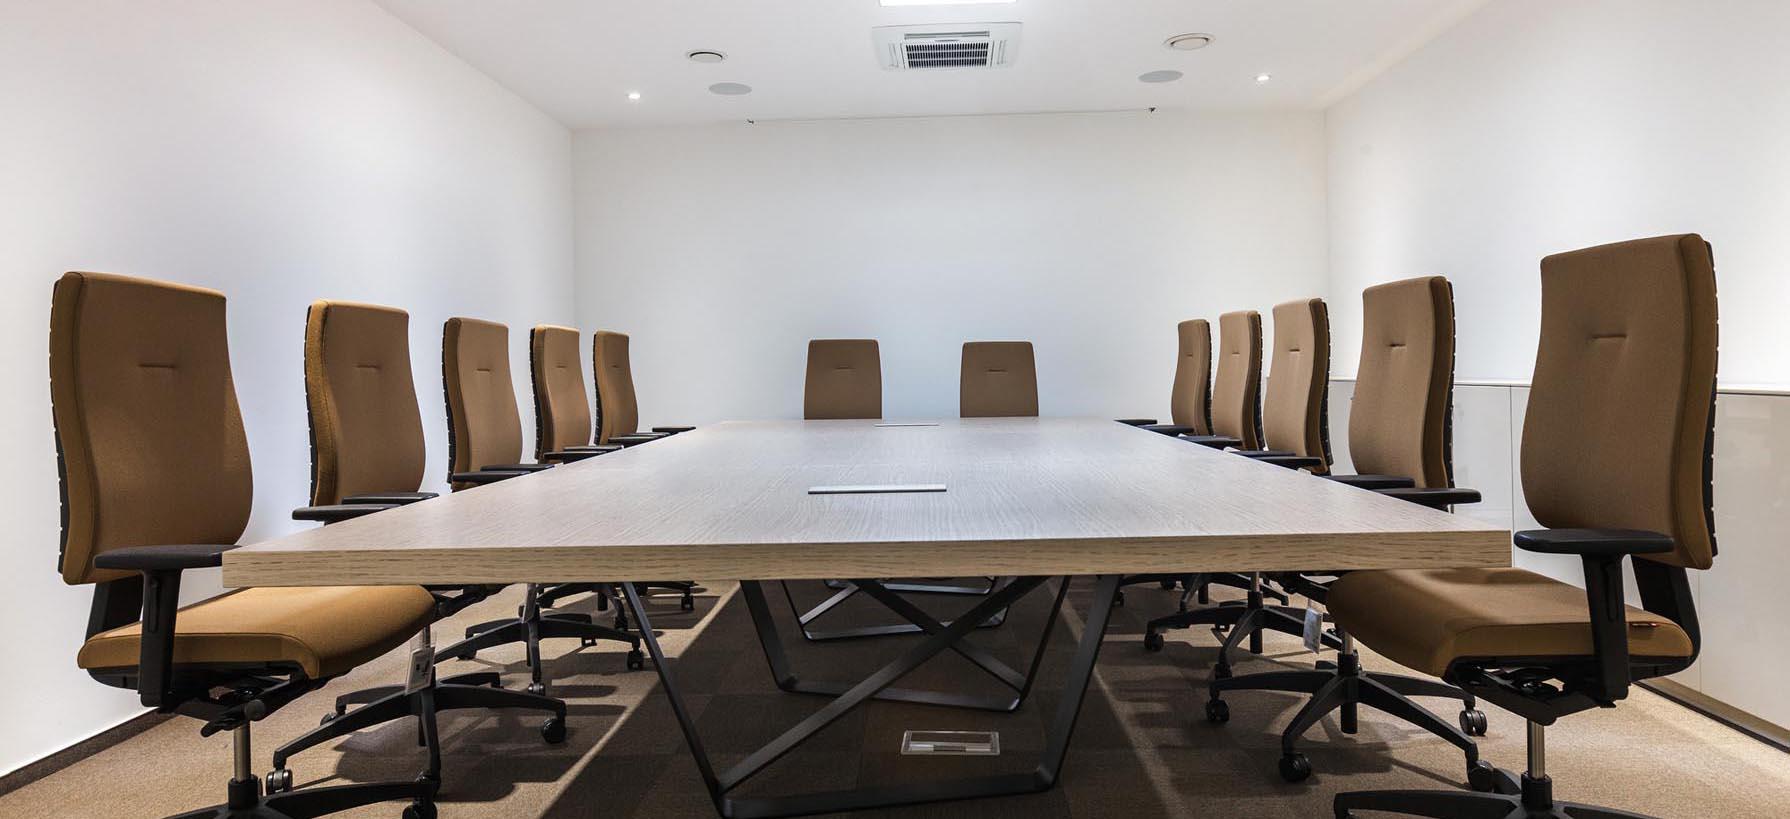 Poslovni prostori oprema